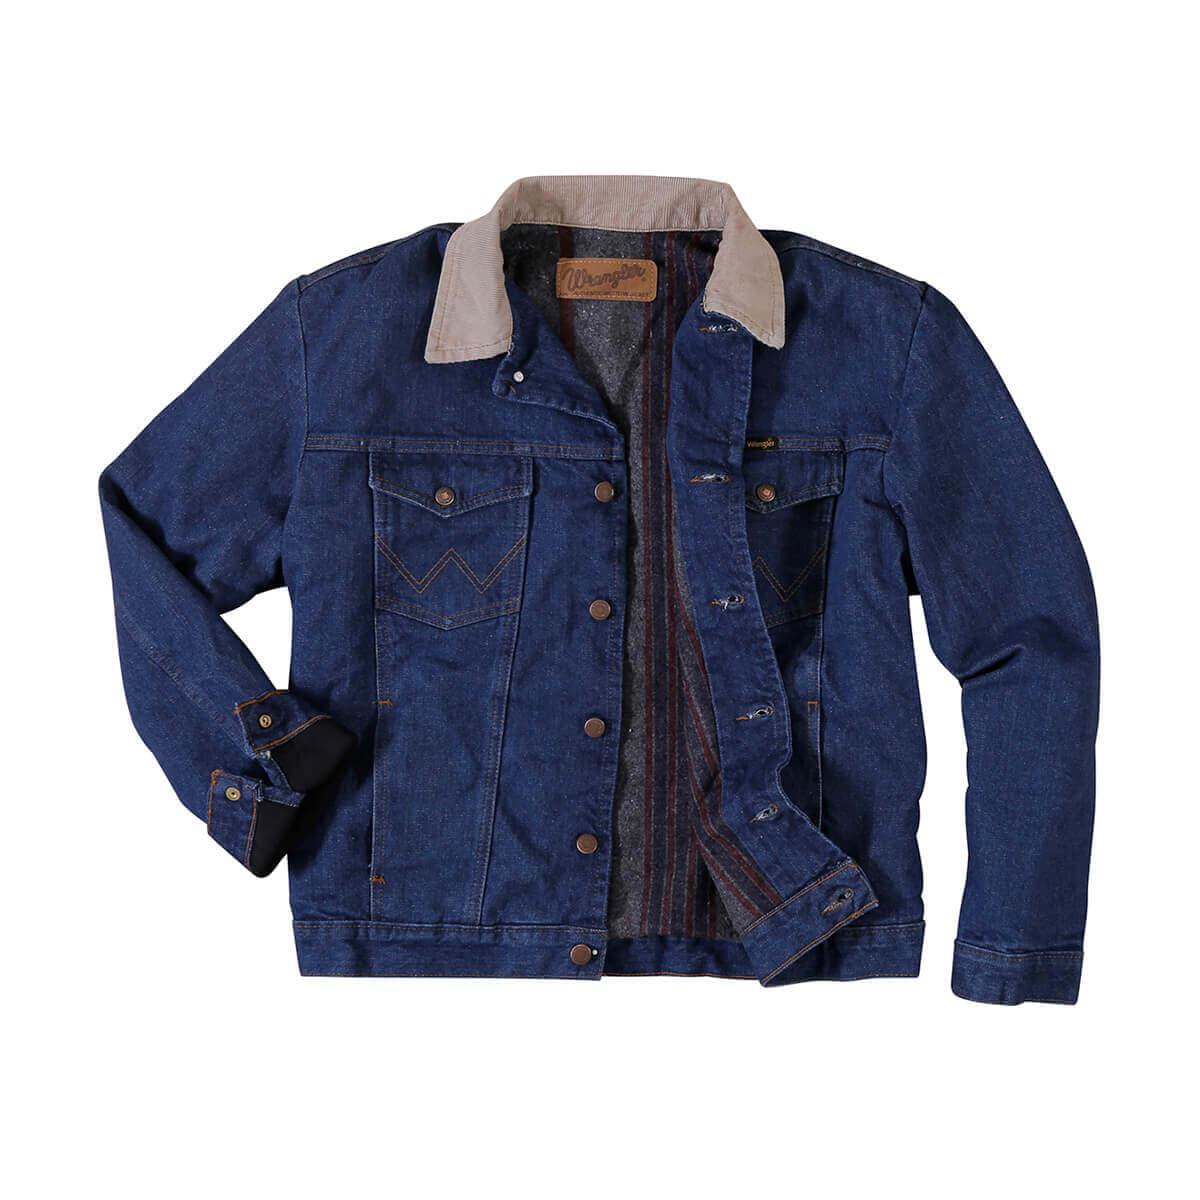 Wrangler - Men's Regular Blanket Lined Denim Jacket